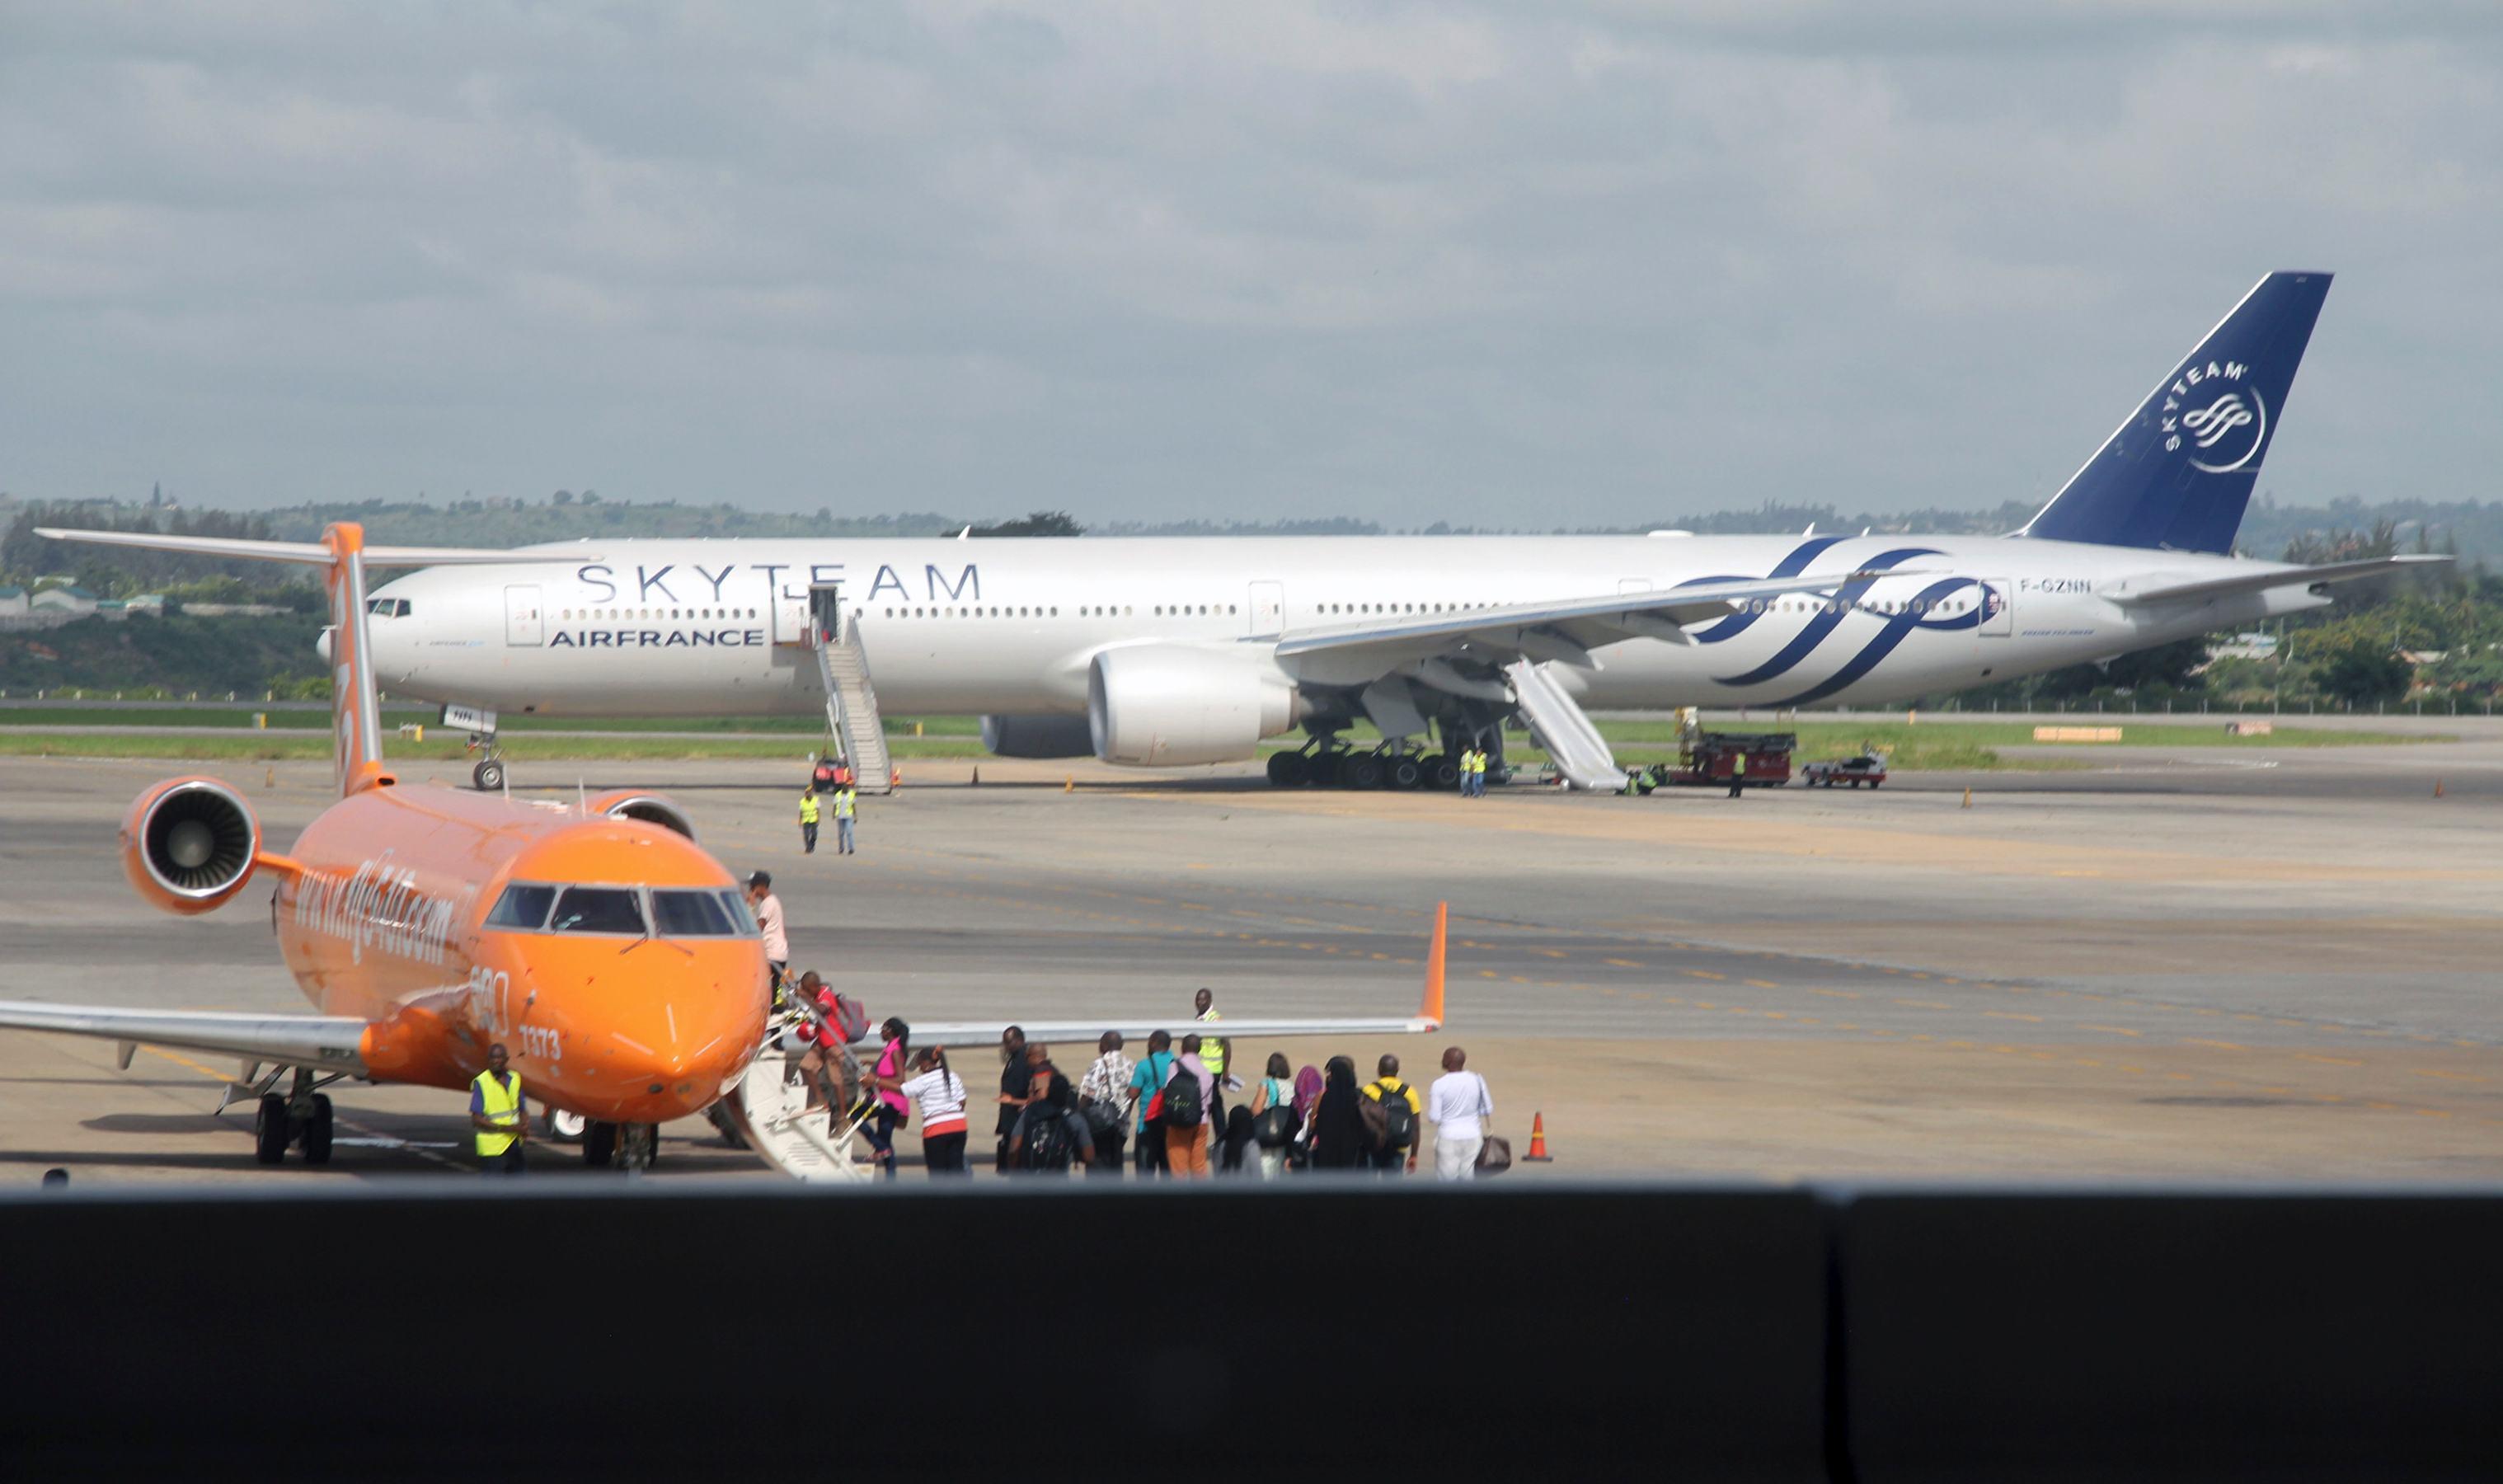 Aeroporto Kenya : Trovata bomba a bordo di un volo air france. evacuate 473 persone